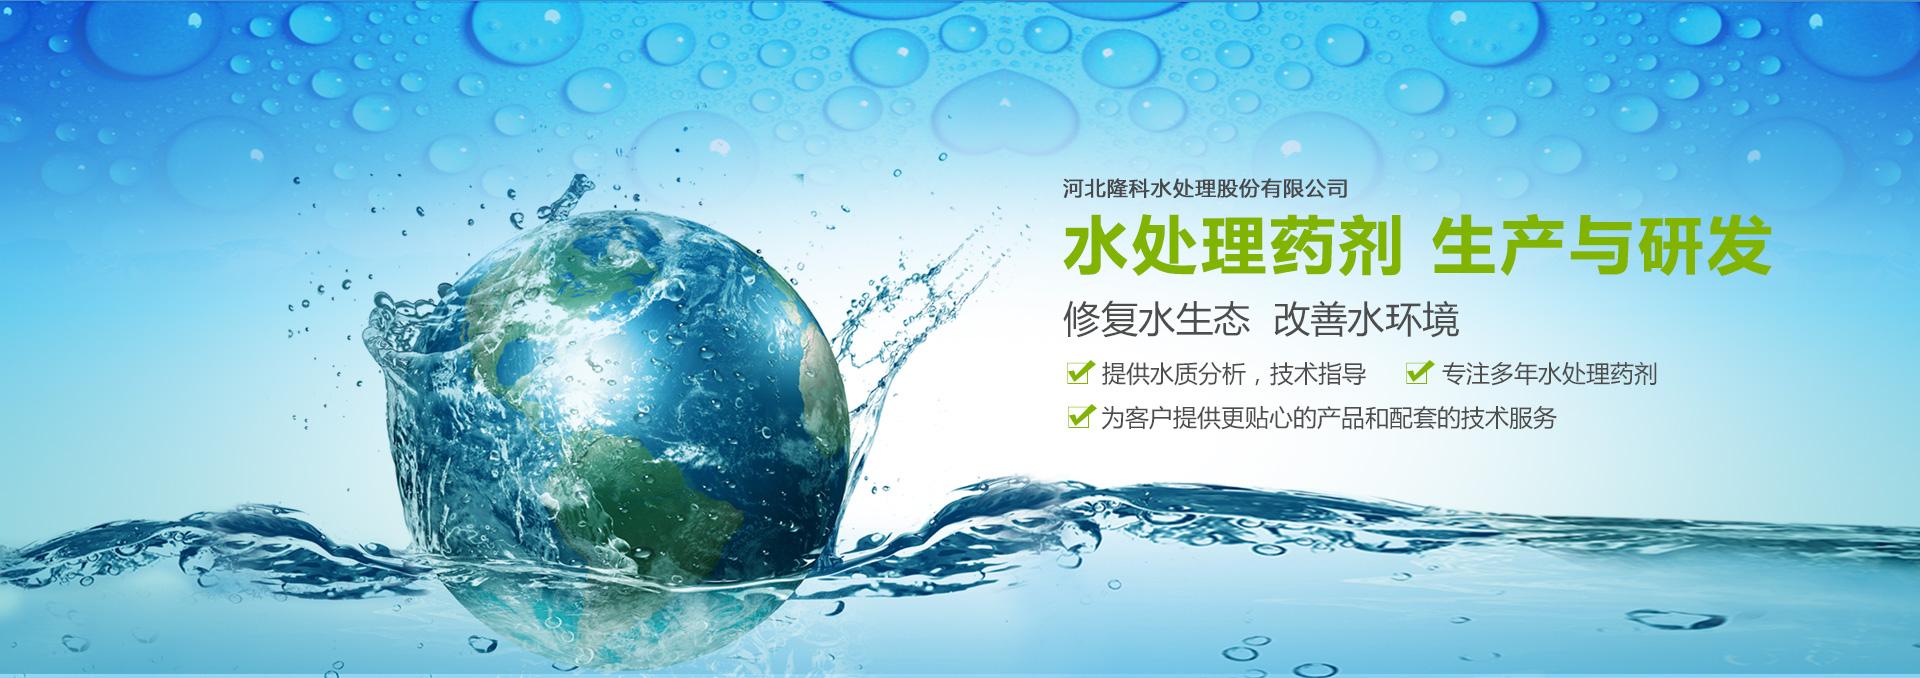 水处理厂家,污水处理公司,污水处理剂